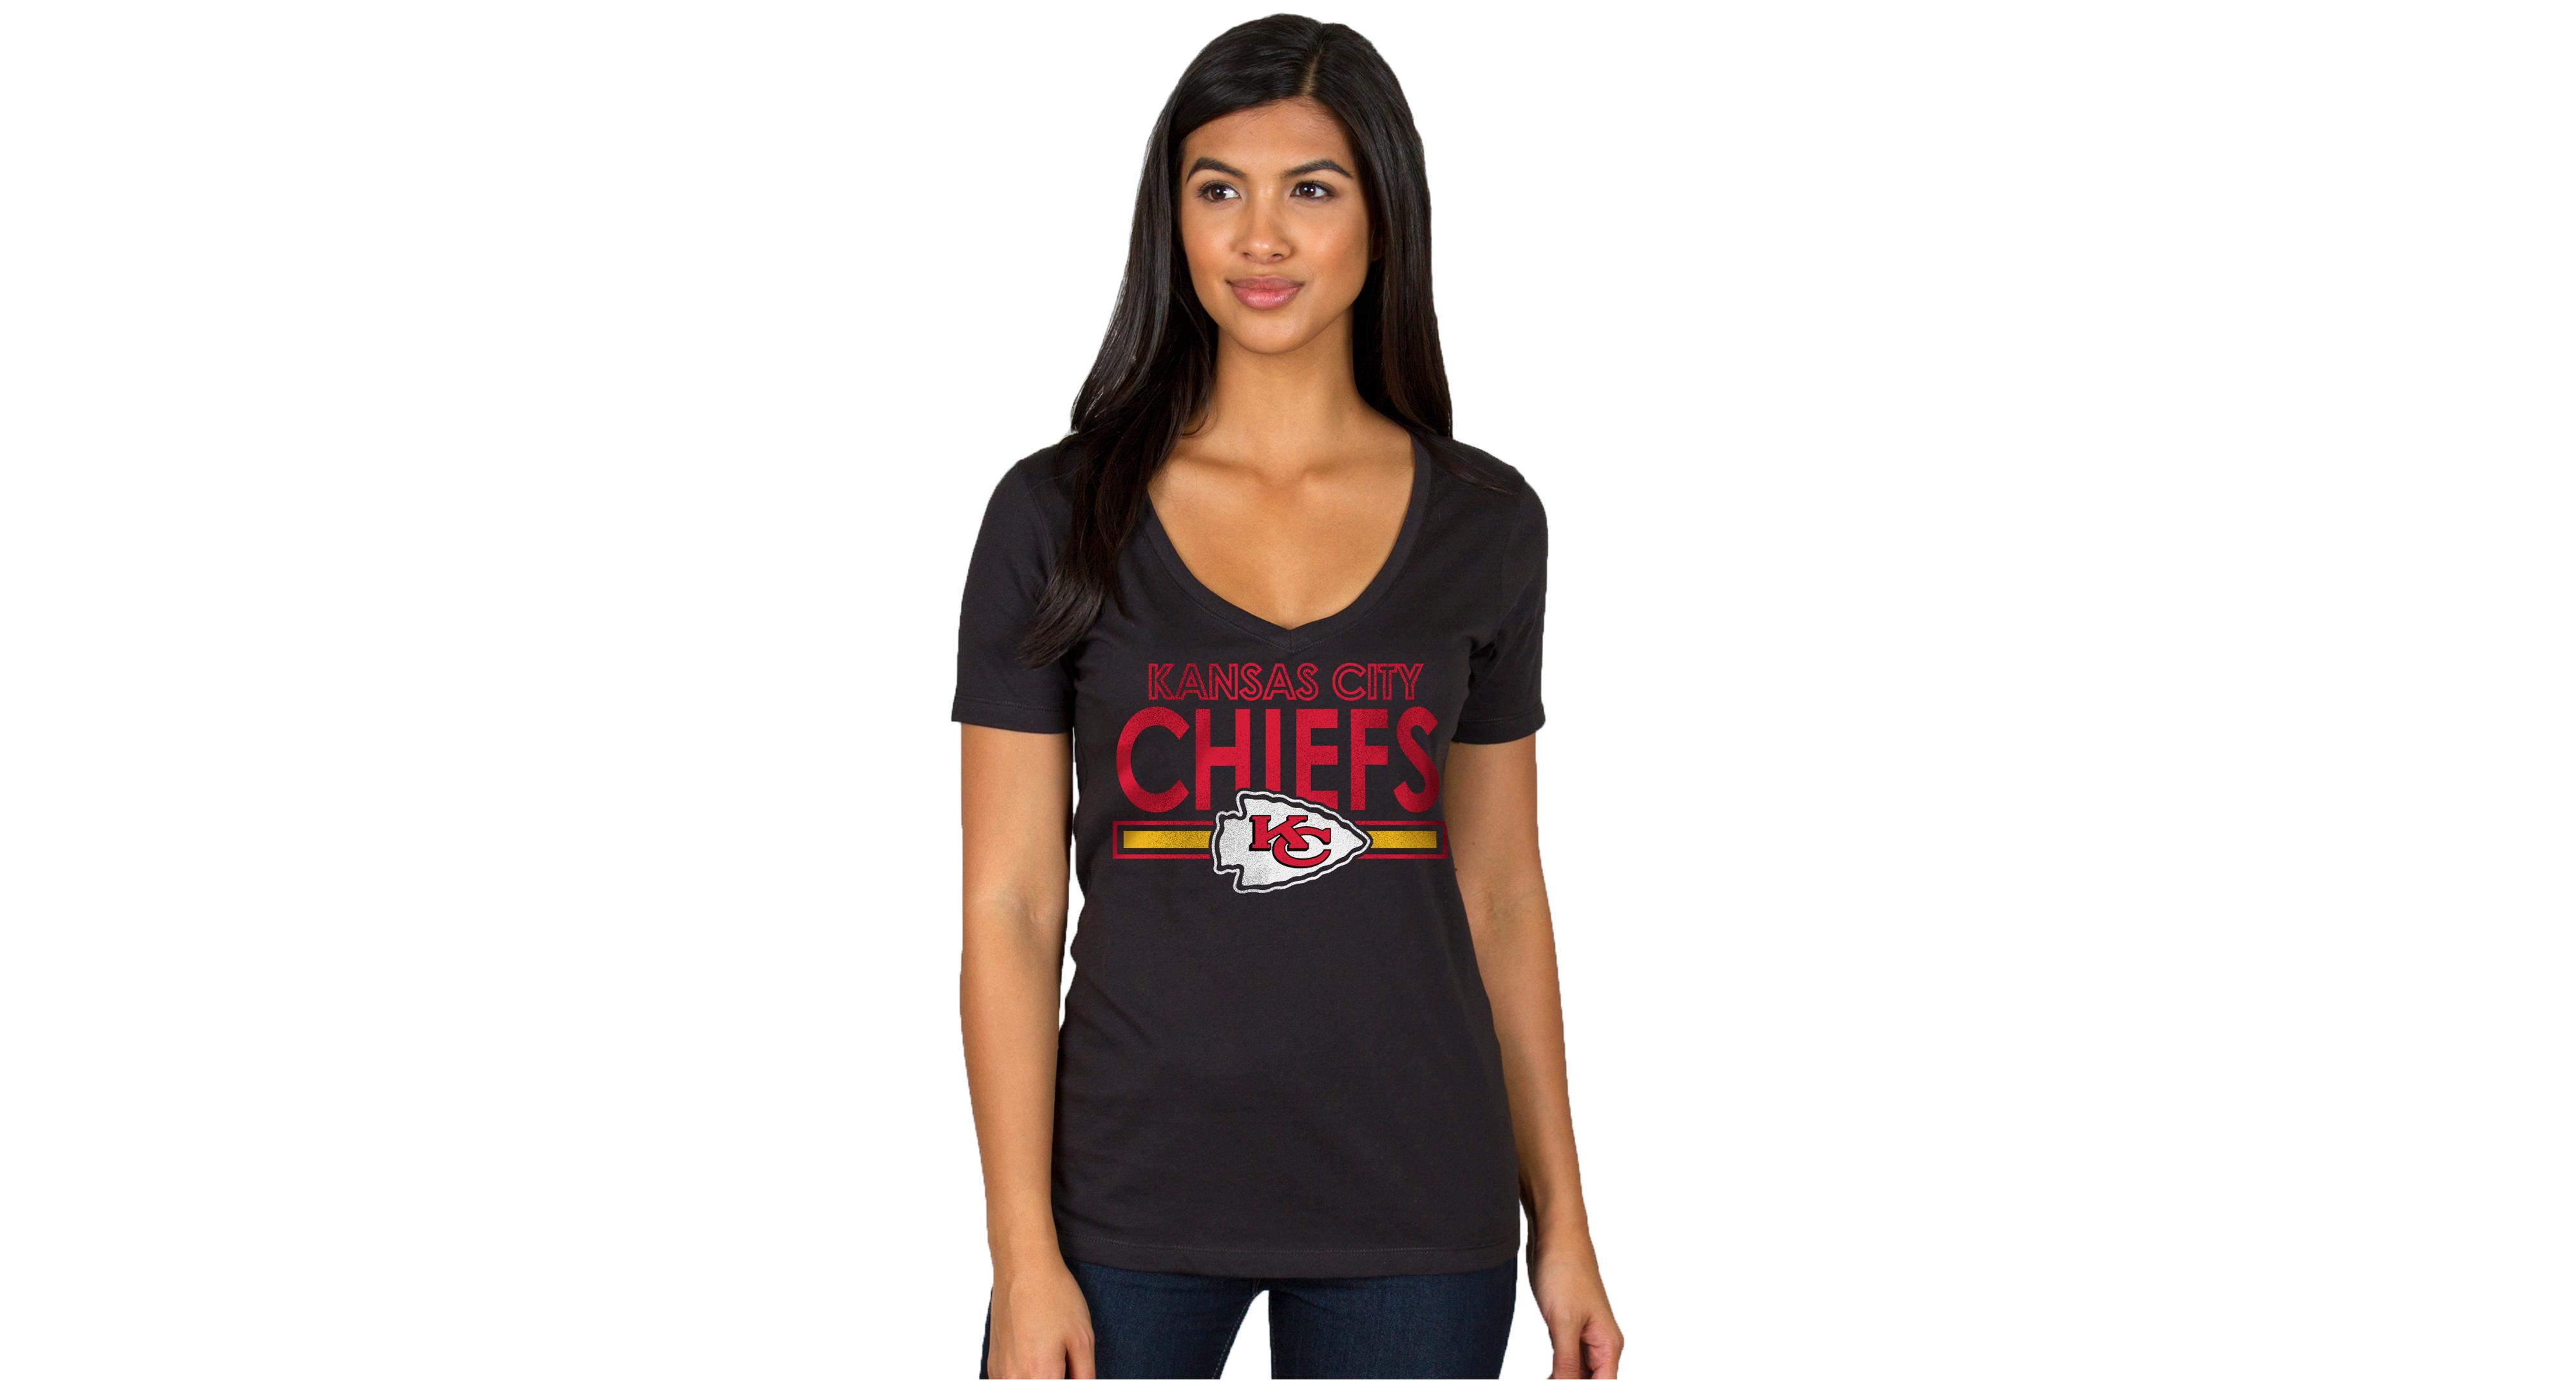 Authentic Nfl Apparel Women's Kansas City Chiefs End Zone